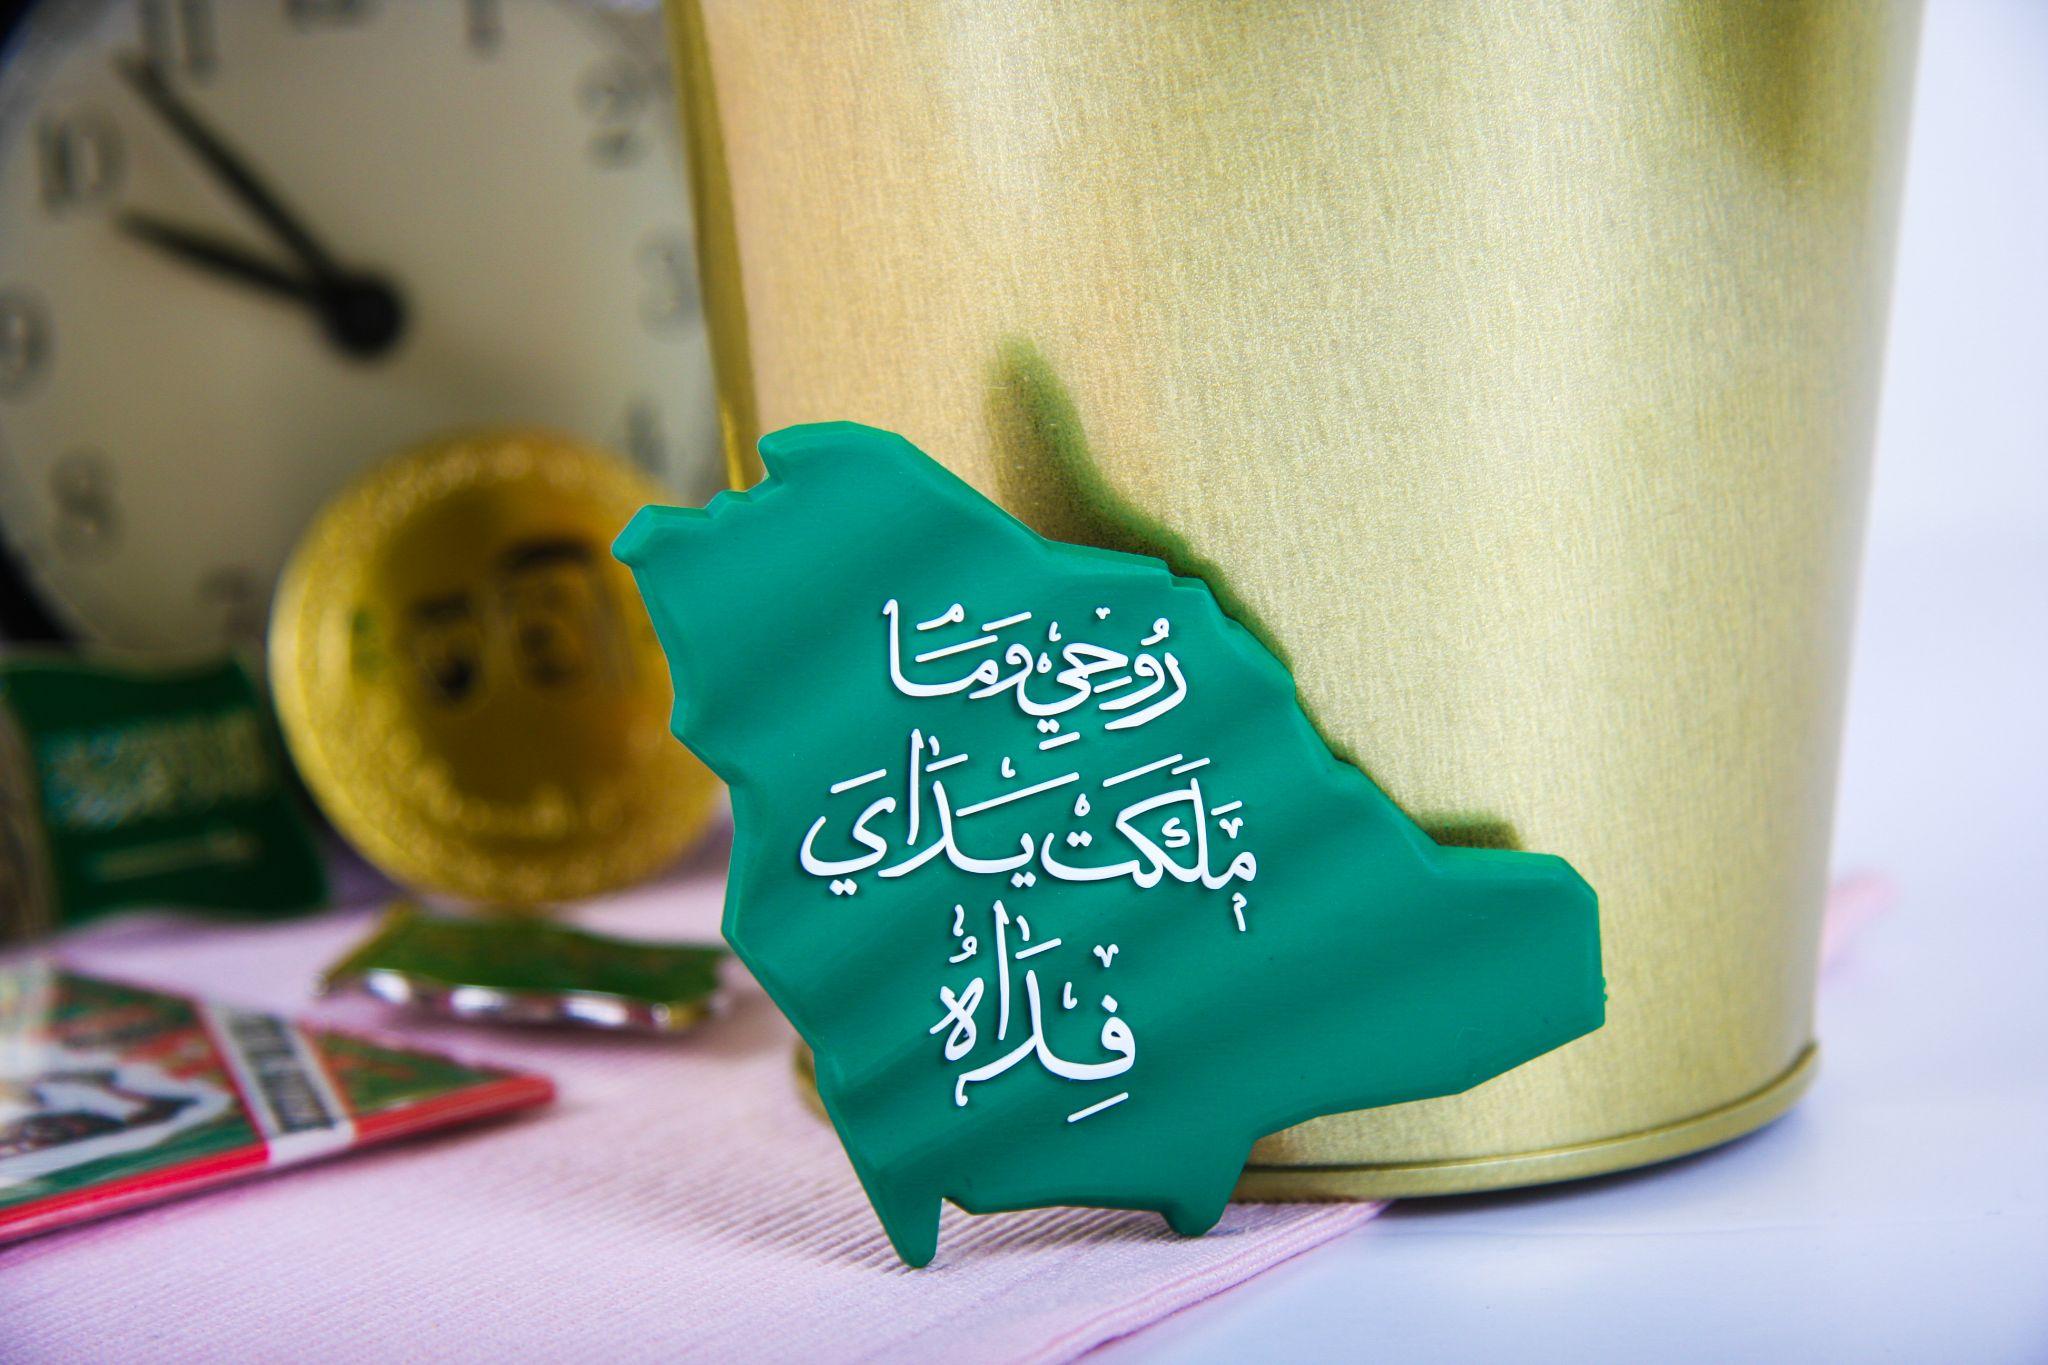 مغناطيس روحي وما ملكت يداي فداه أحب السعودية